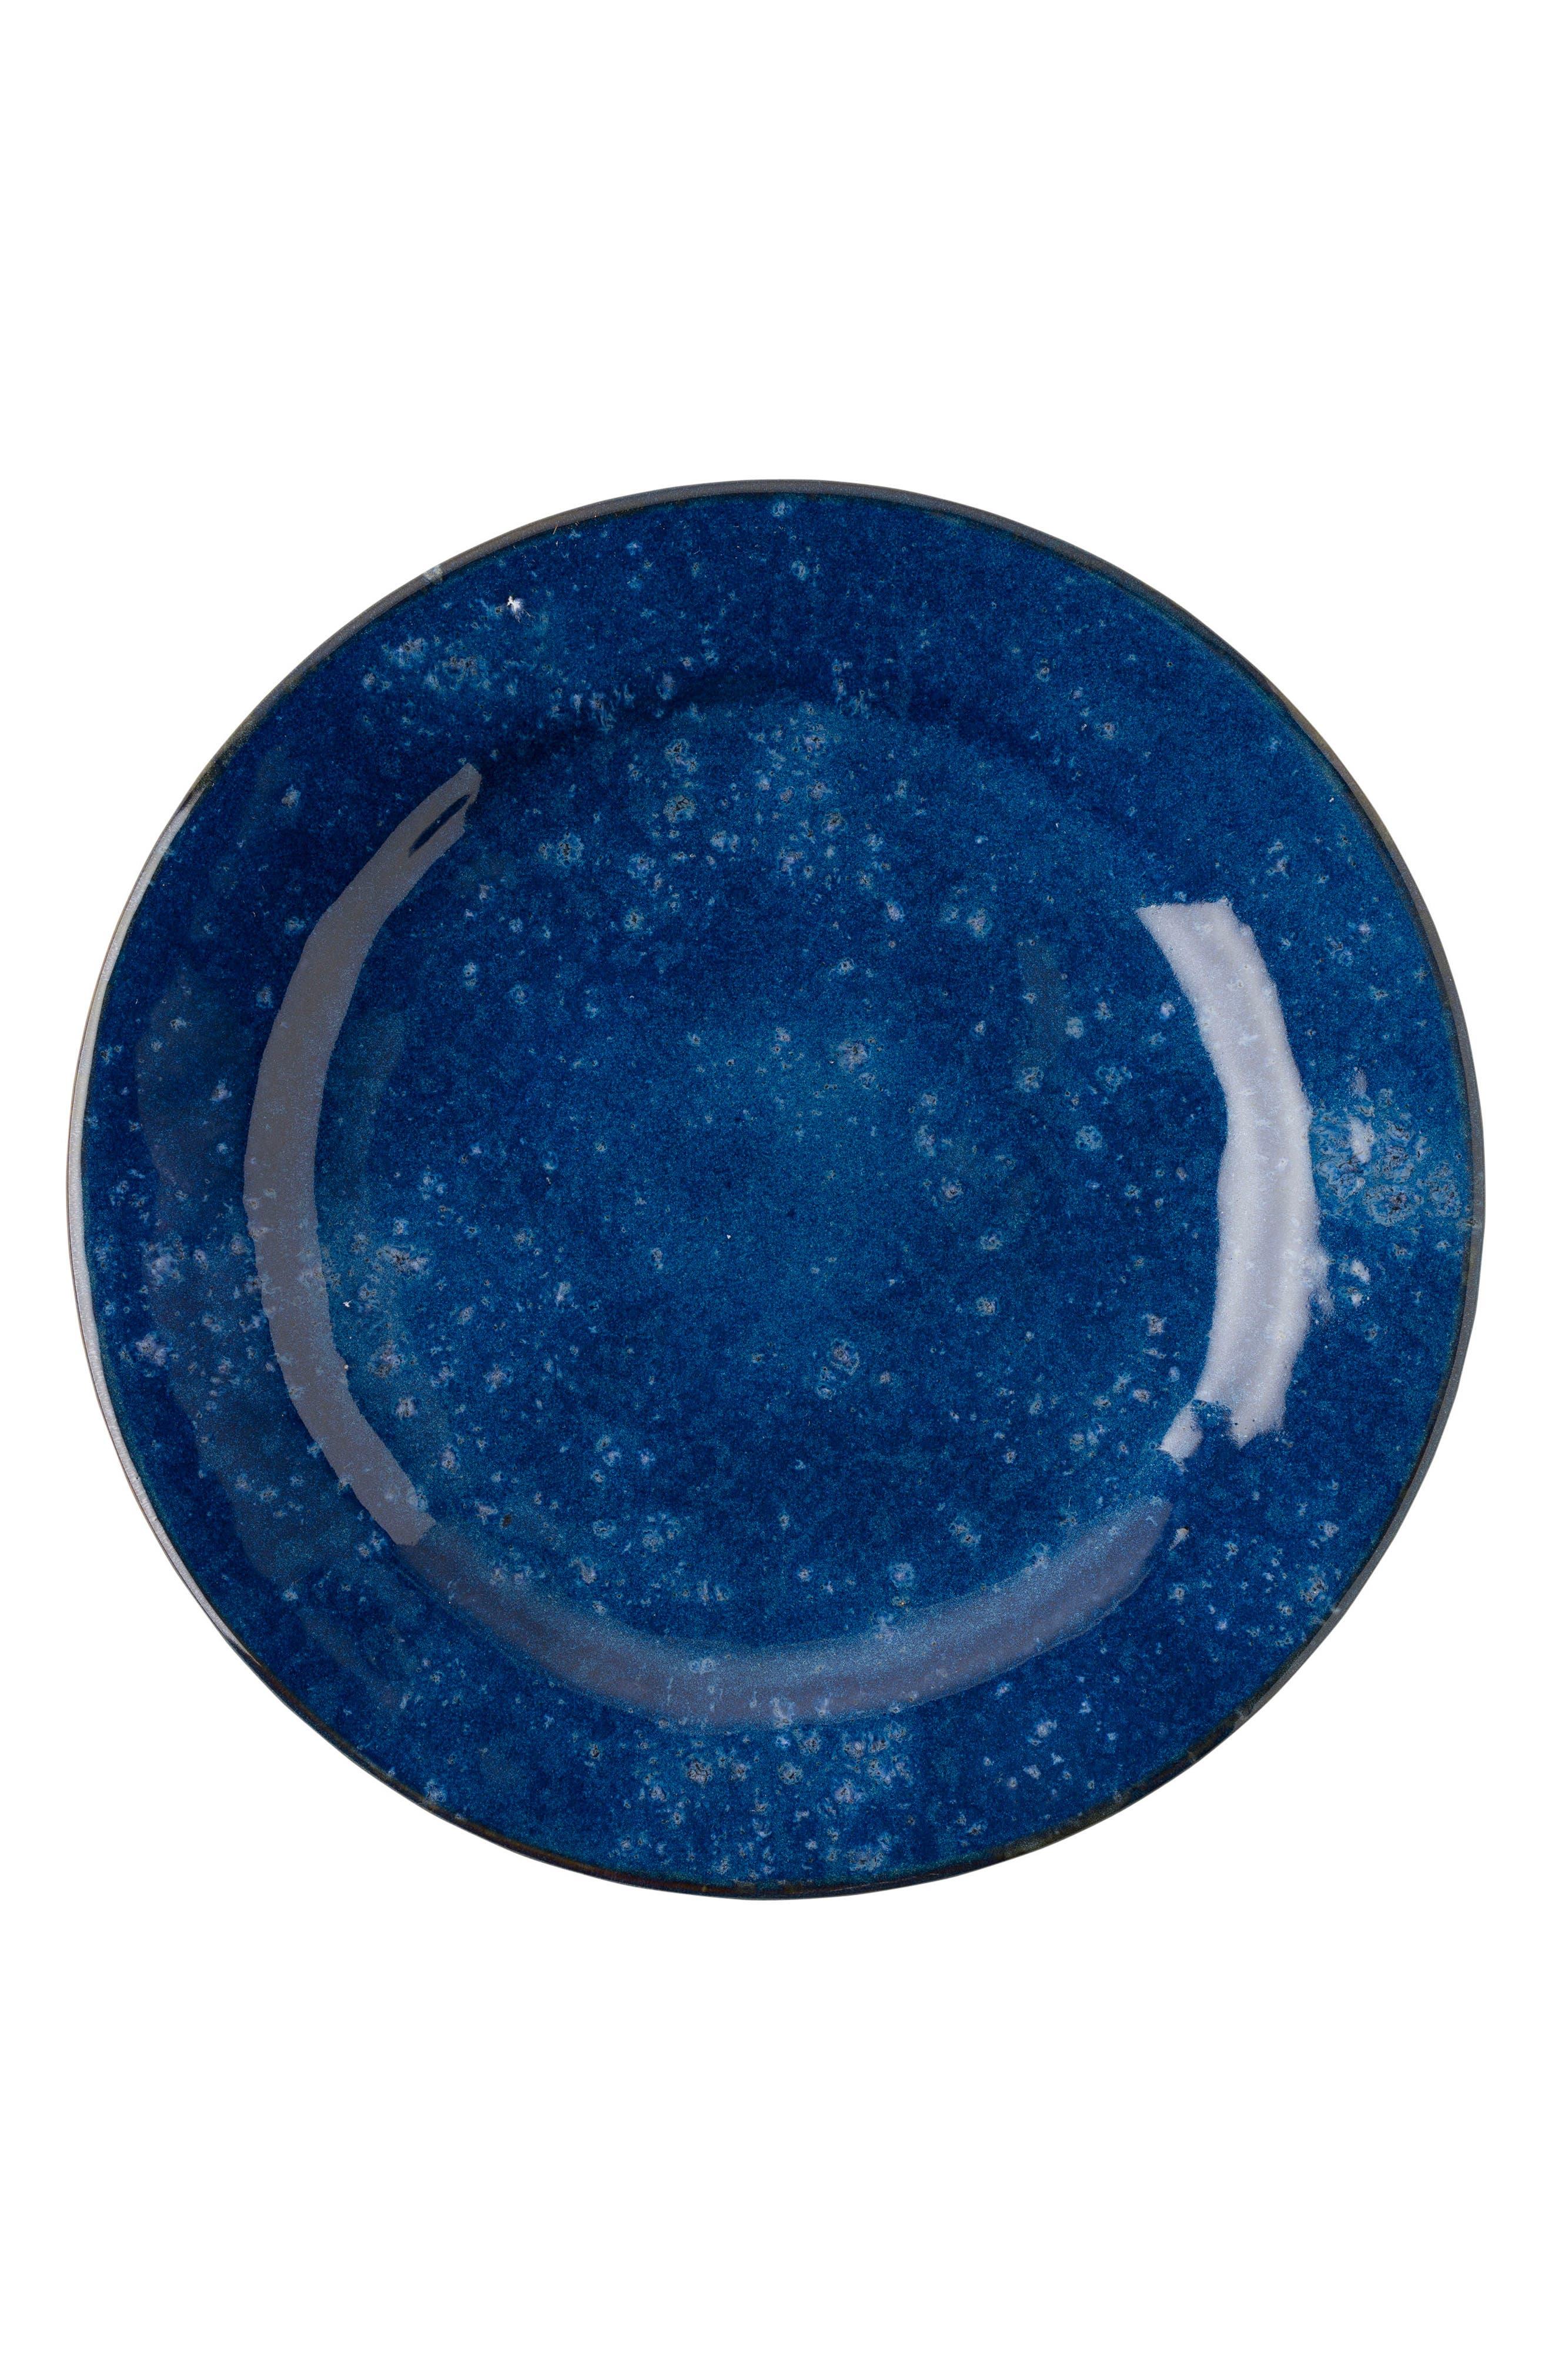 Puro Cobalt Ceramic Dinner Plate,                         Main,                         color, DAPPLED COBALT